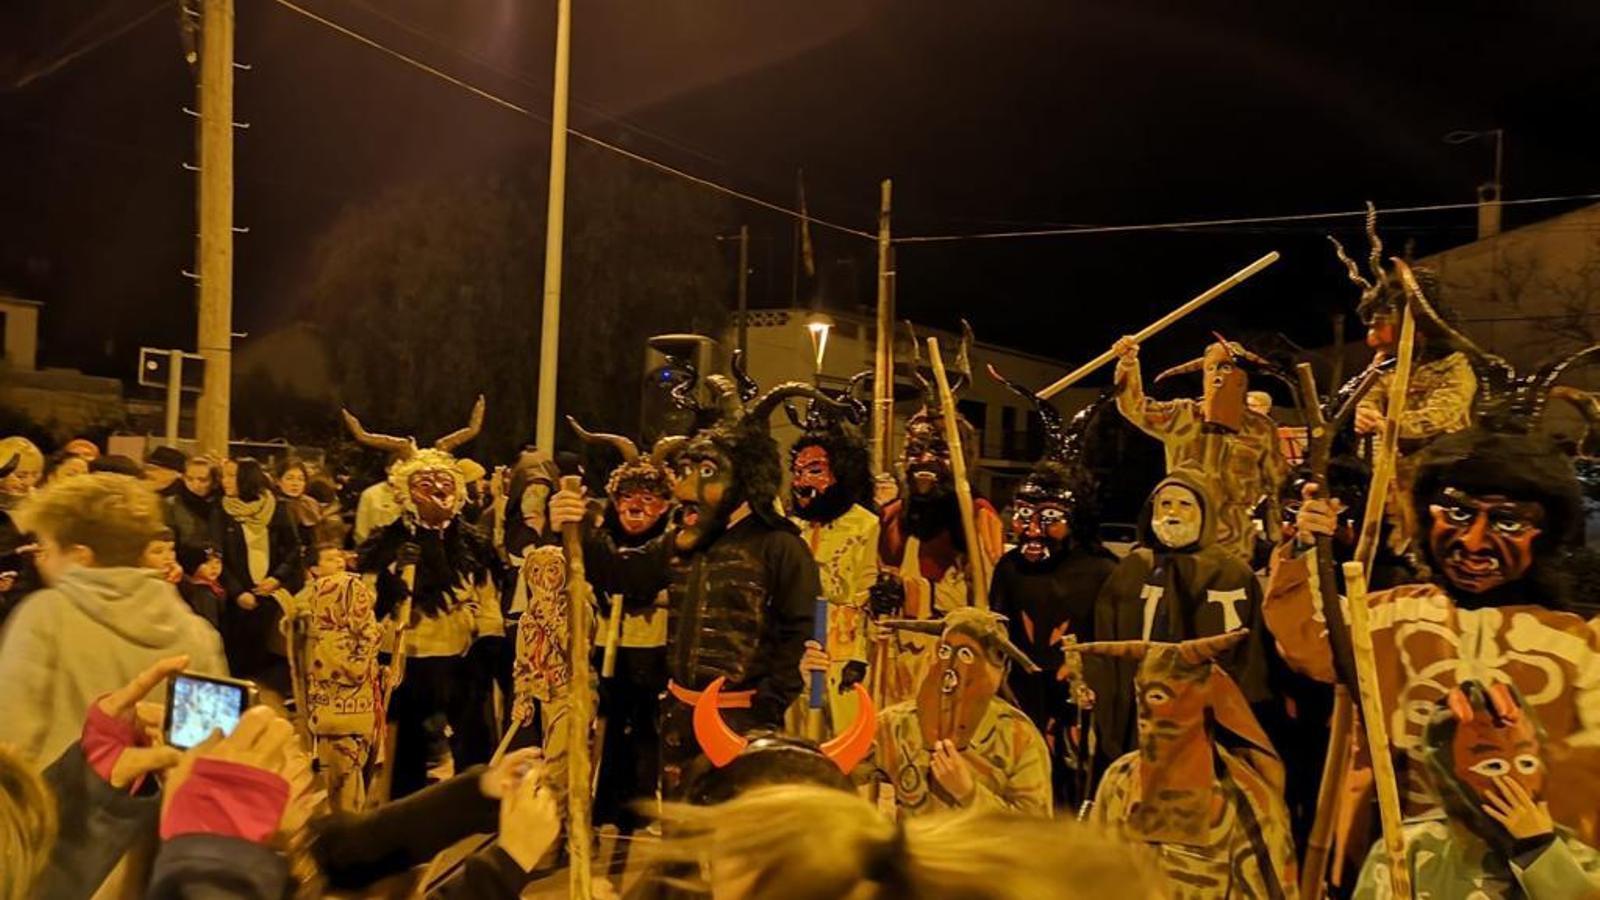 Els dimonis de la contrada acudiren a la ja tradicional trobada de s'Illot